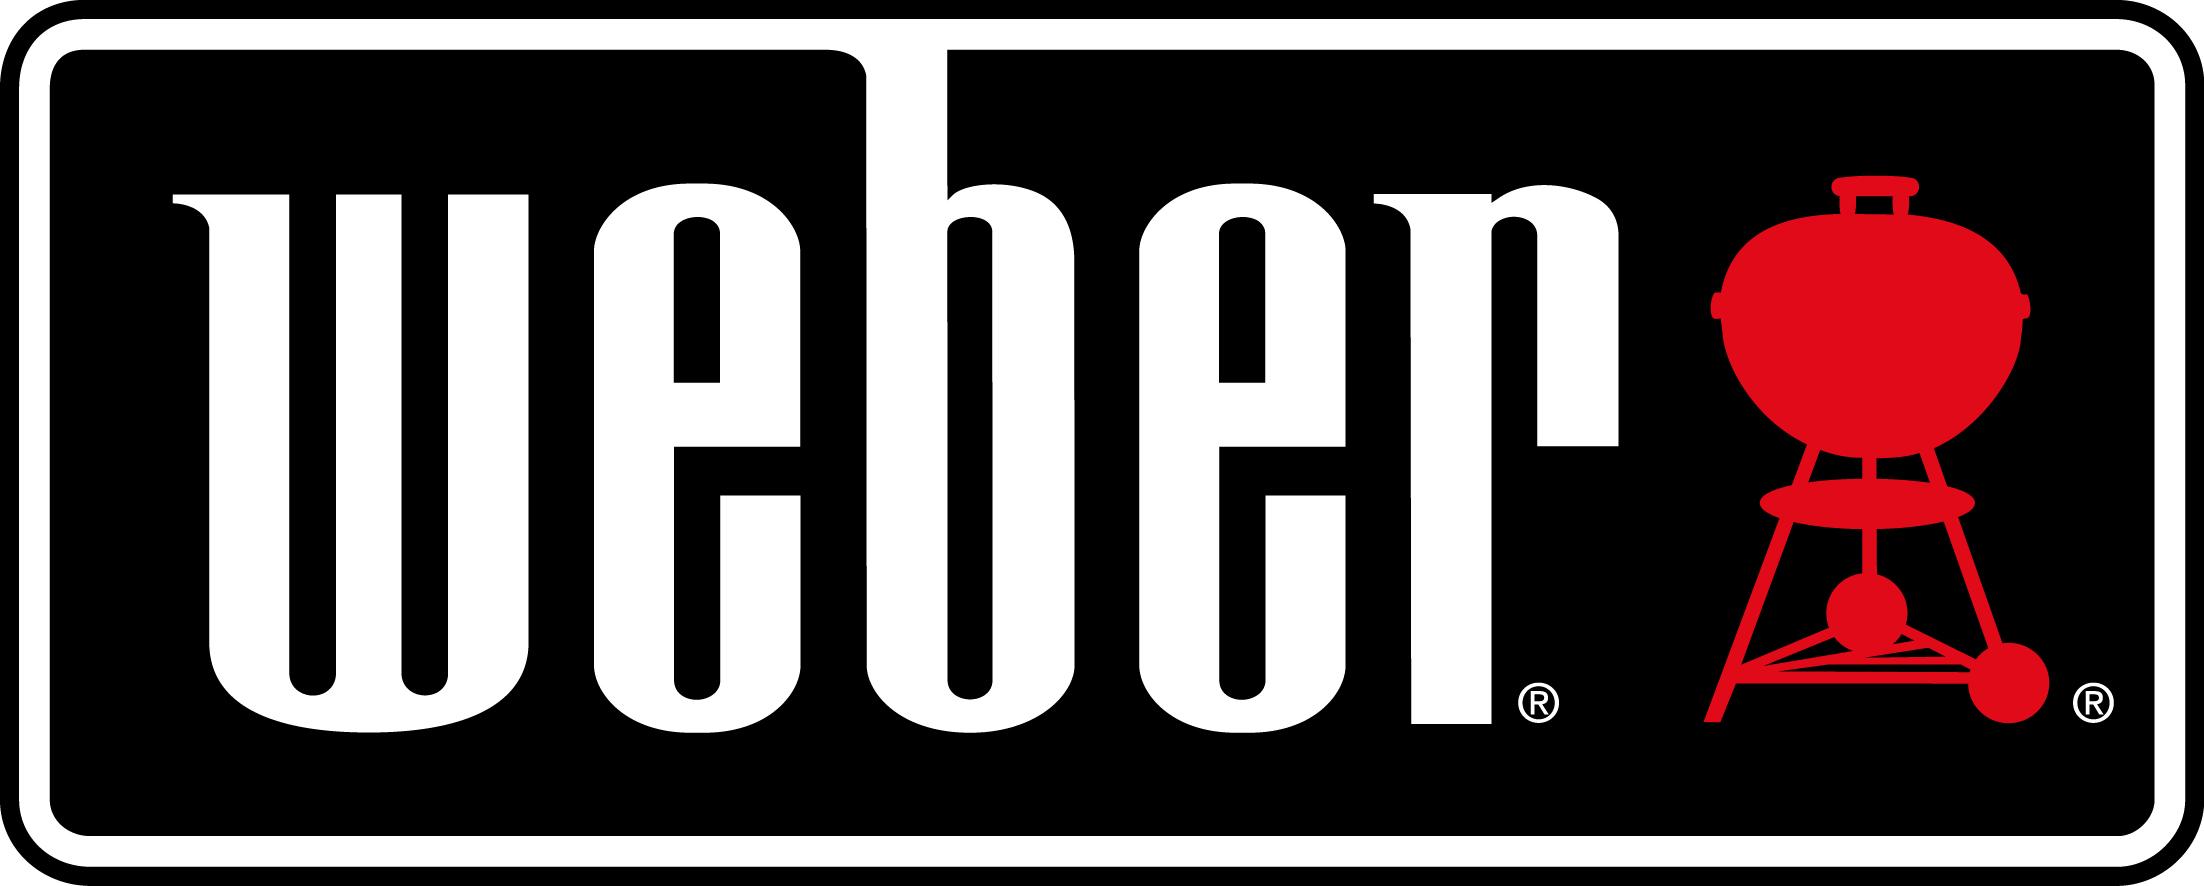 http://www.desjardins-inspirations.fr/wp-content/uploads/weber-logo1.jpg